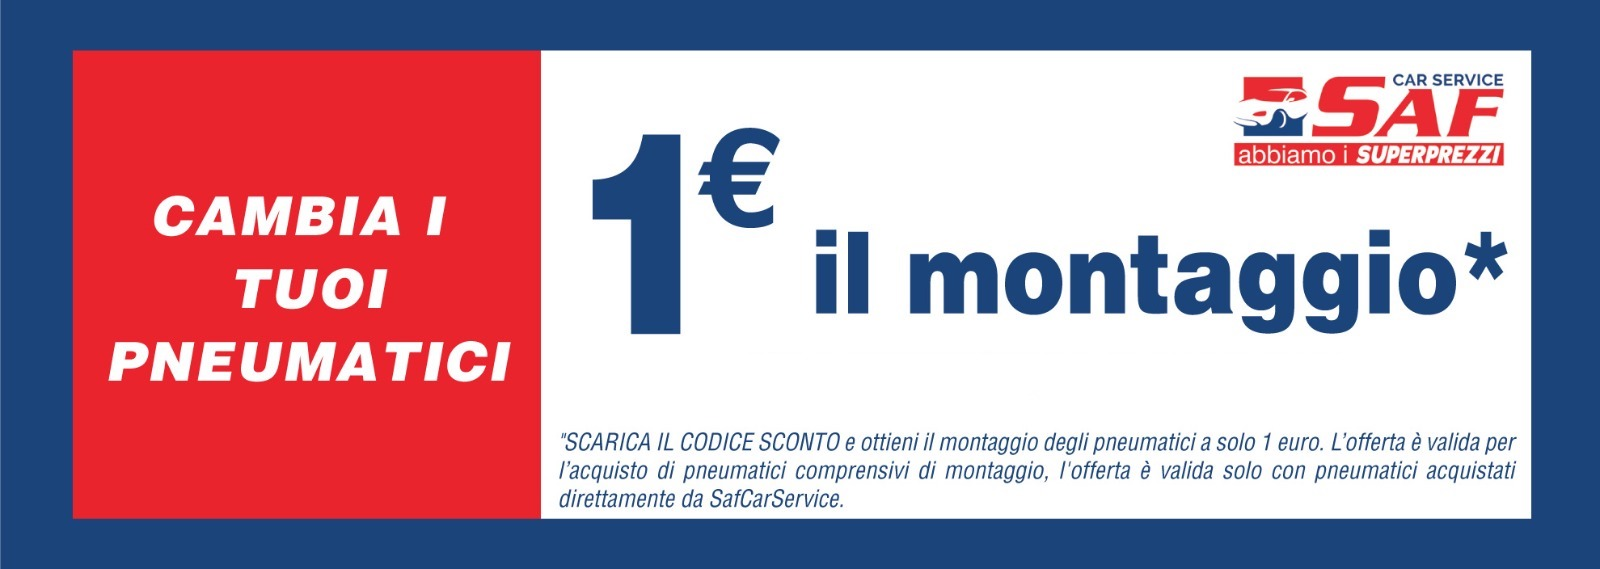 offerta montaggio 1€